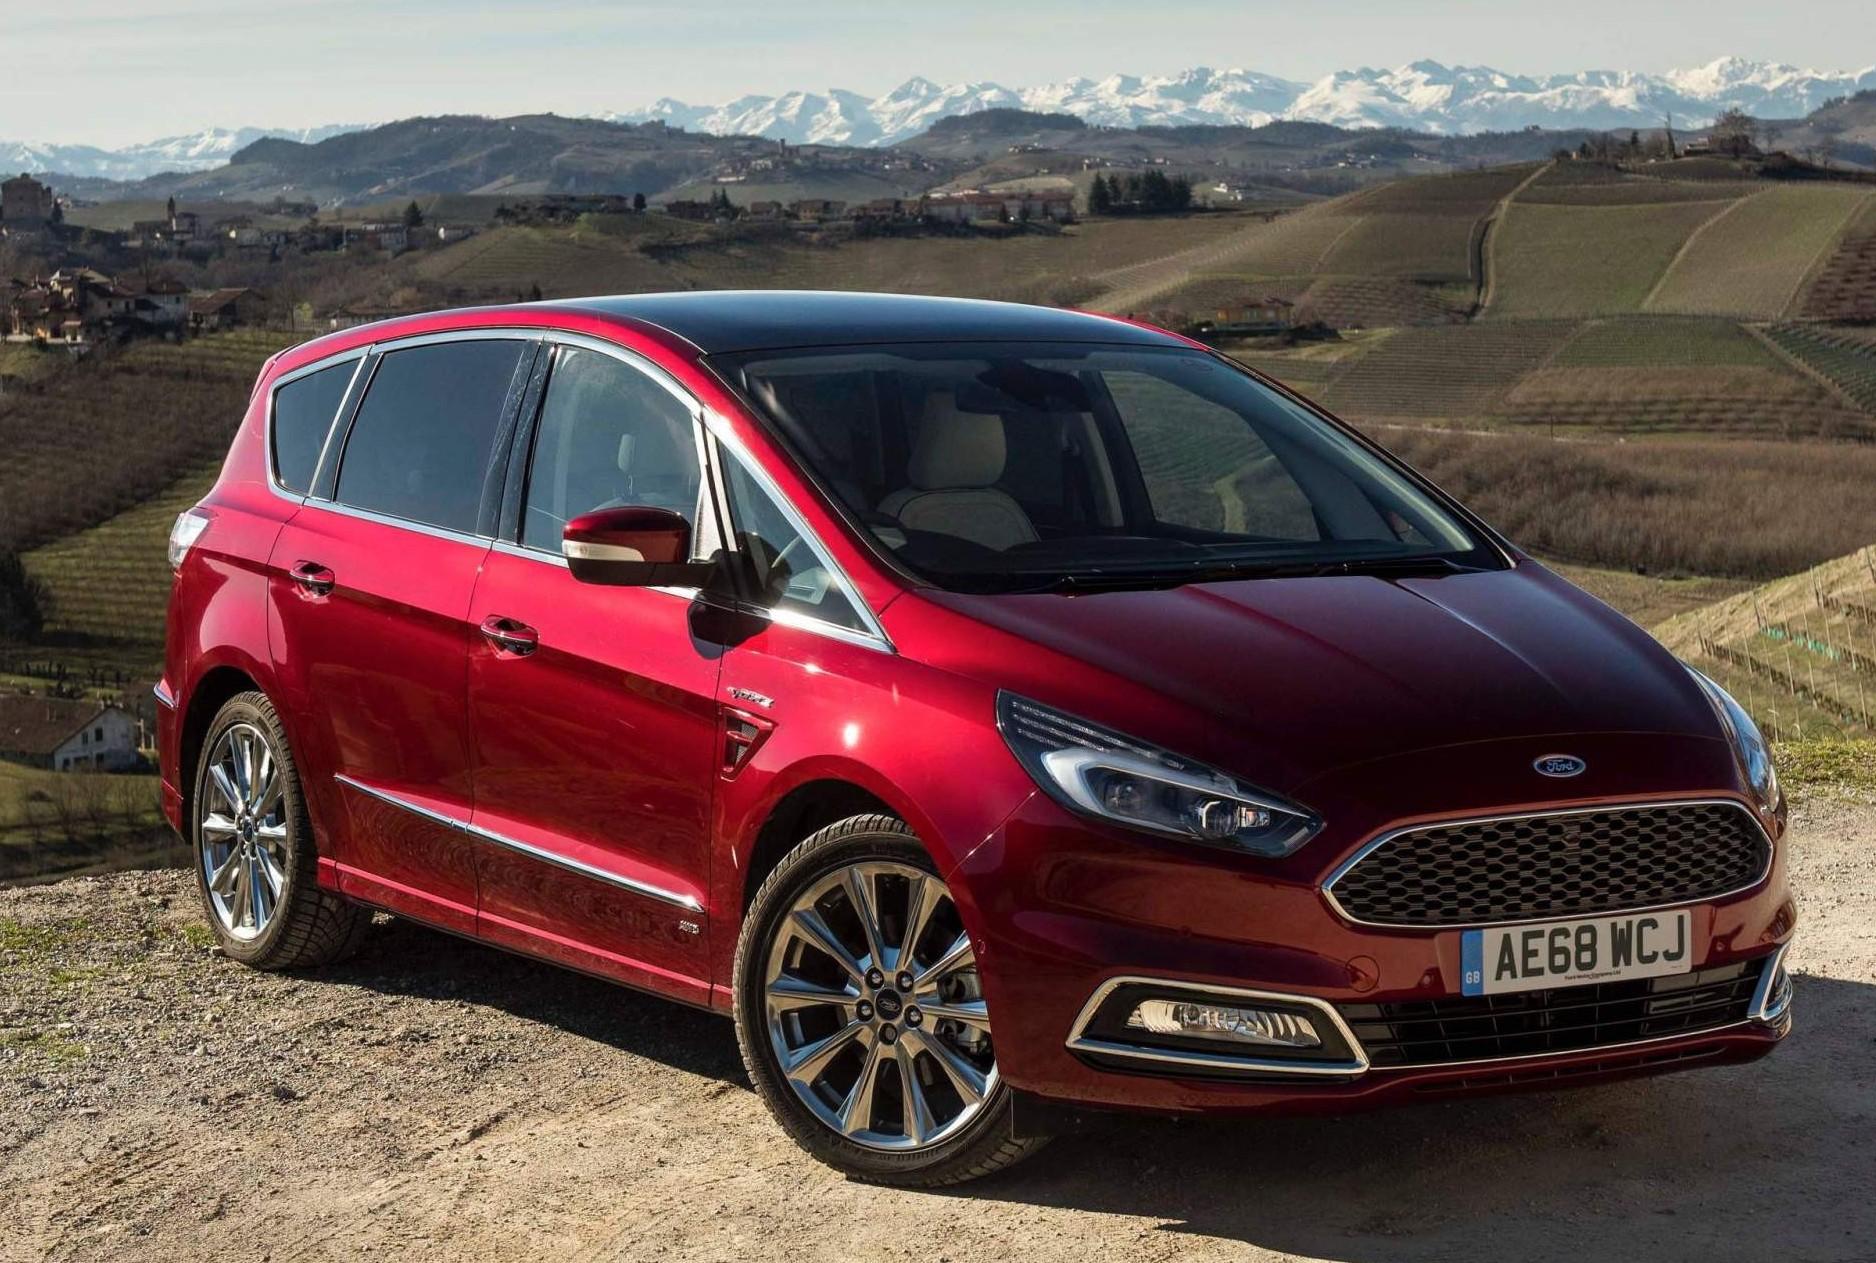 Ford S-Max 2019 commenti ed opinioni sul